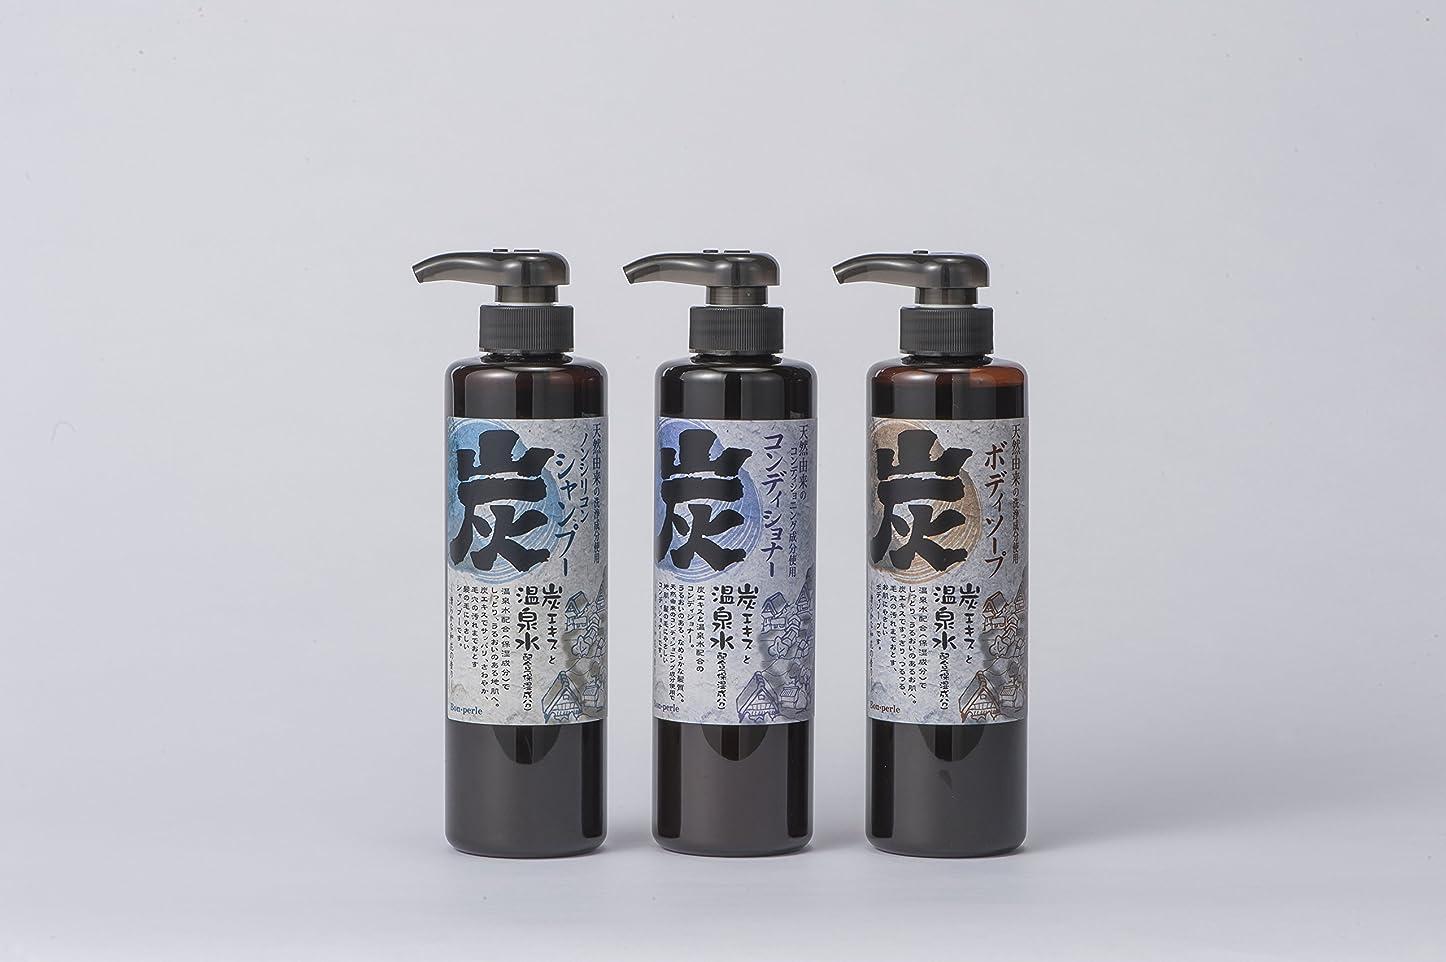 エンゲージメントぺディカブ否認するスパミネラル炭 ヘアケア&ボディケア 500ml 3本セット